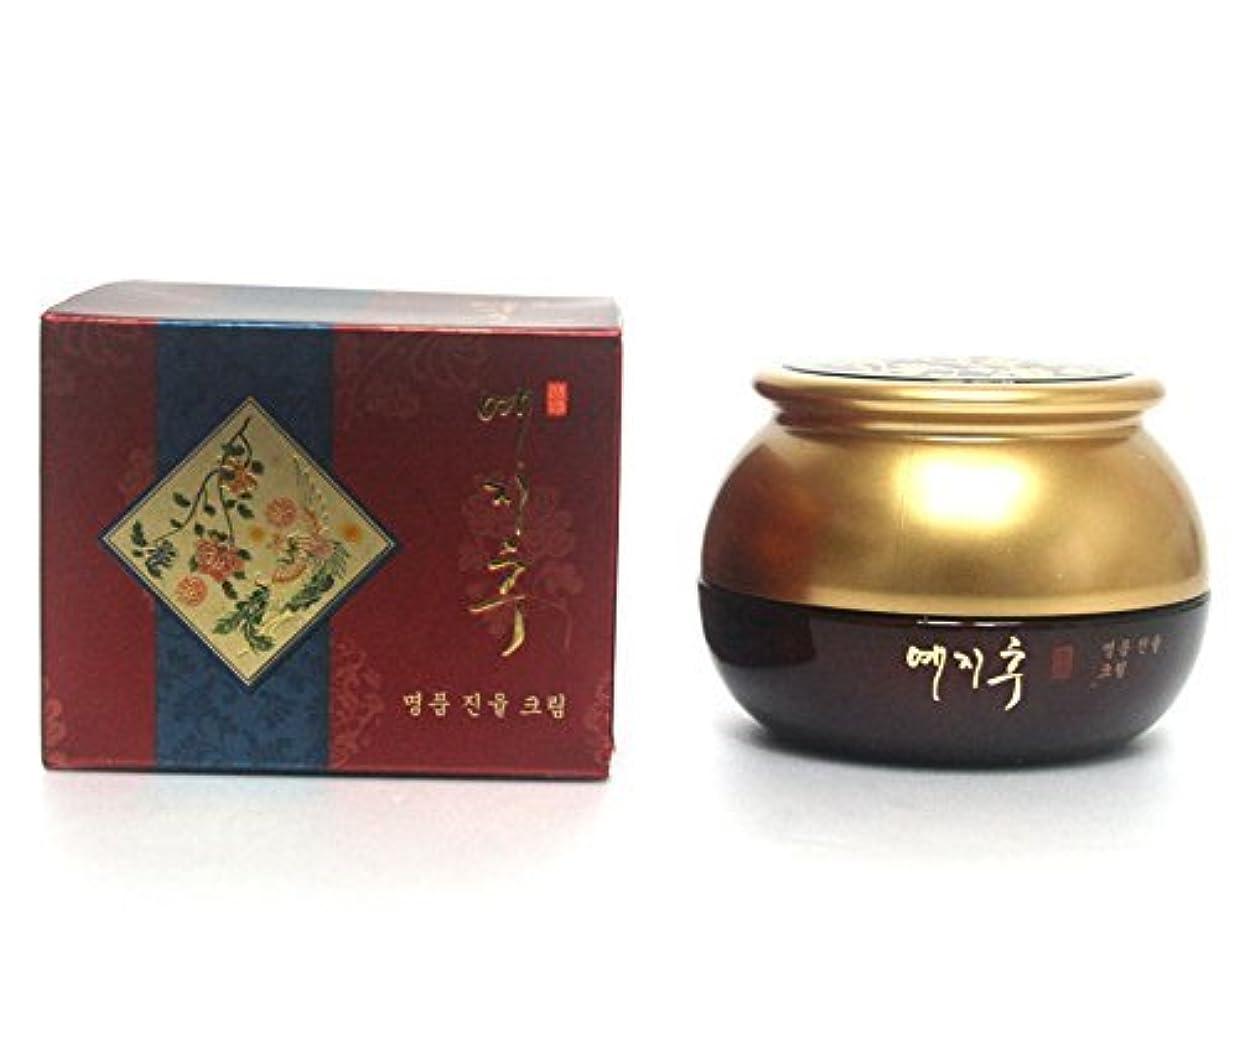 ぴかぴか脱臼する寂しい[YEZIHU] 紅参クリーム50g / ナチュラルオリエンタルハーブ / 韓国化粧品 / RED Ginseng Cream 50g / Natural Oriental Herbs / Korean Cosmetics...